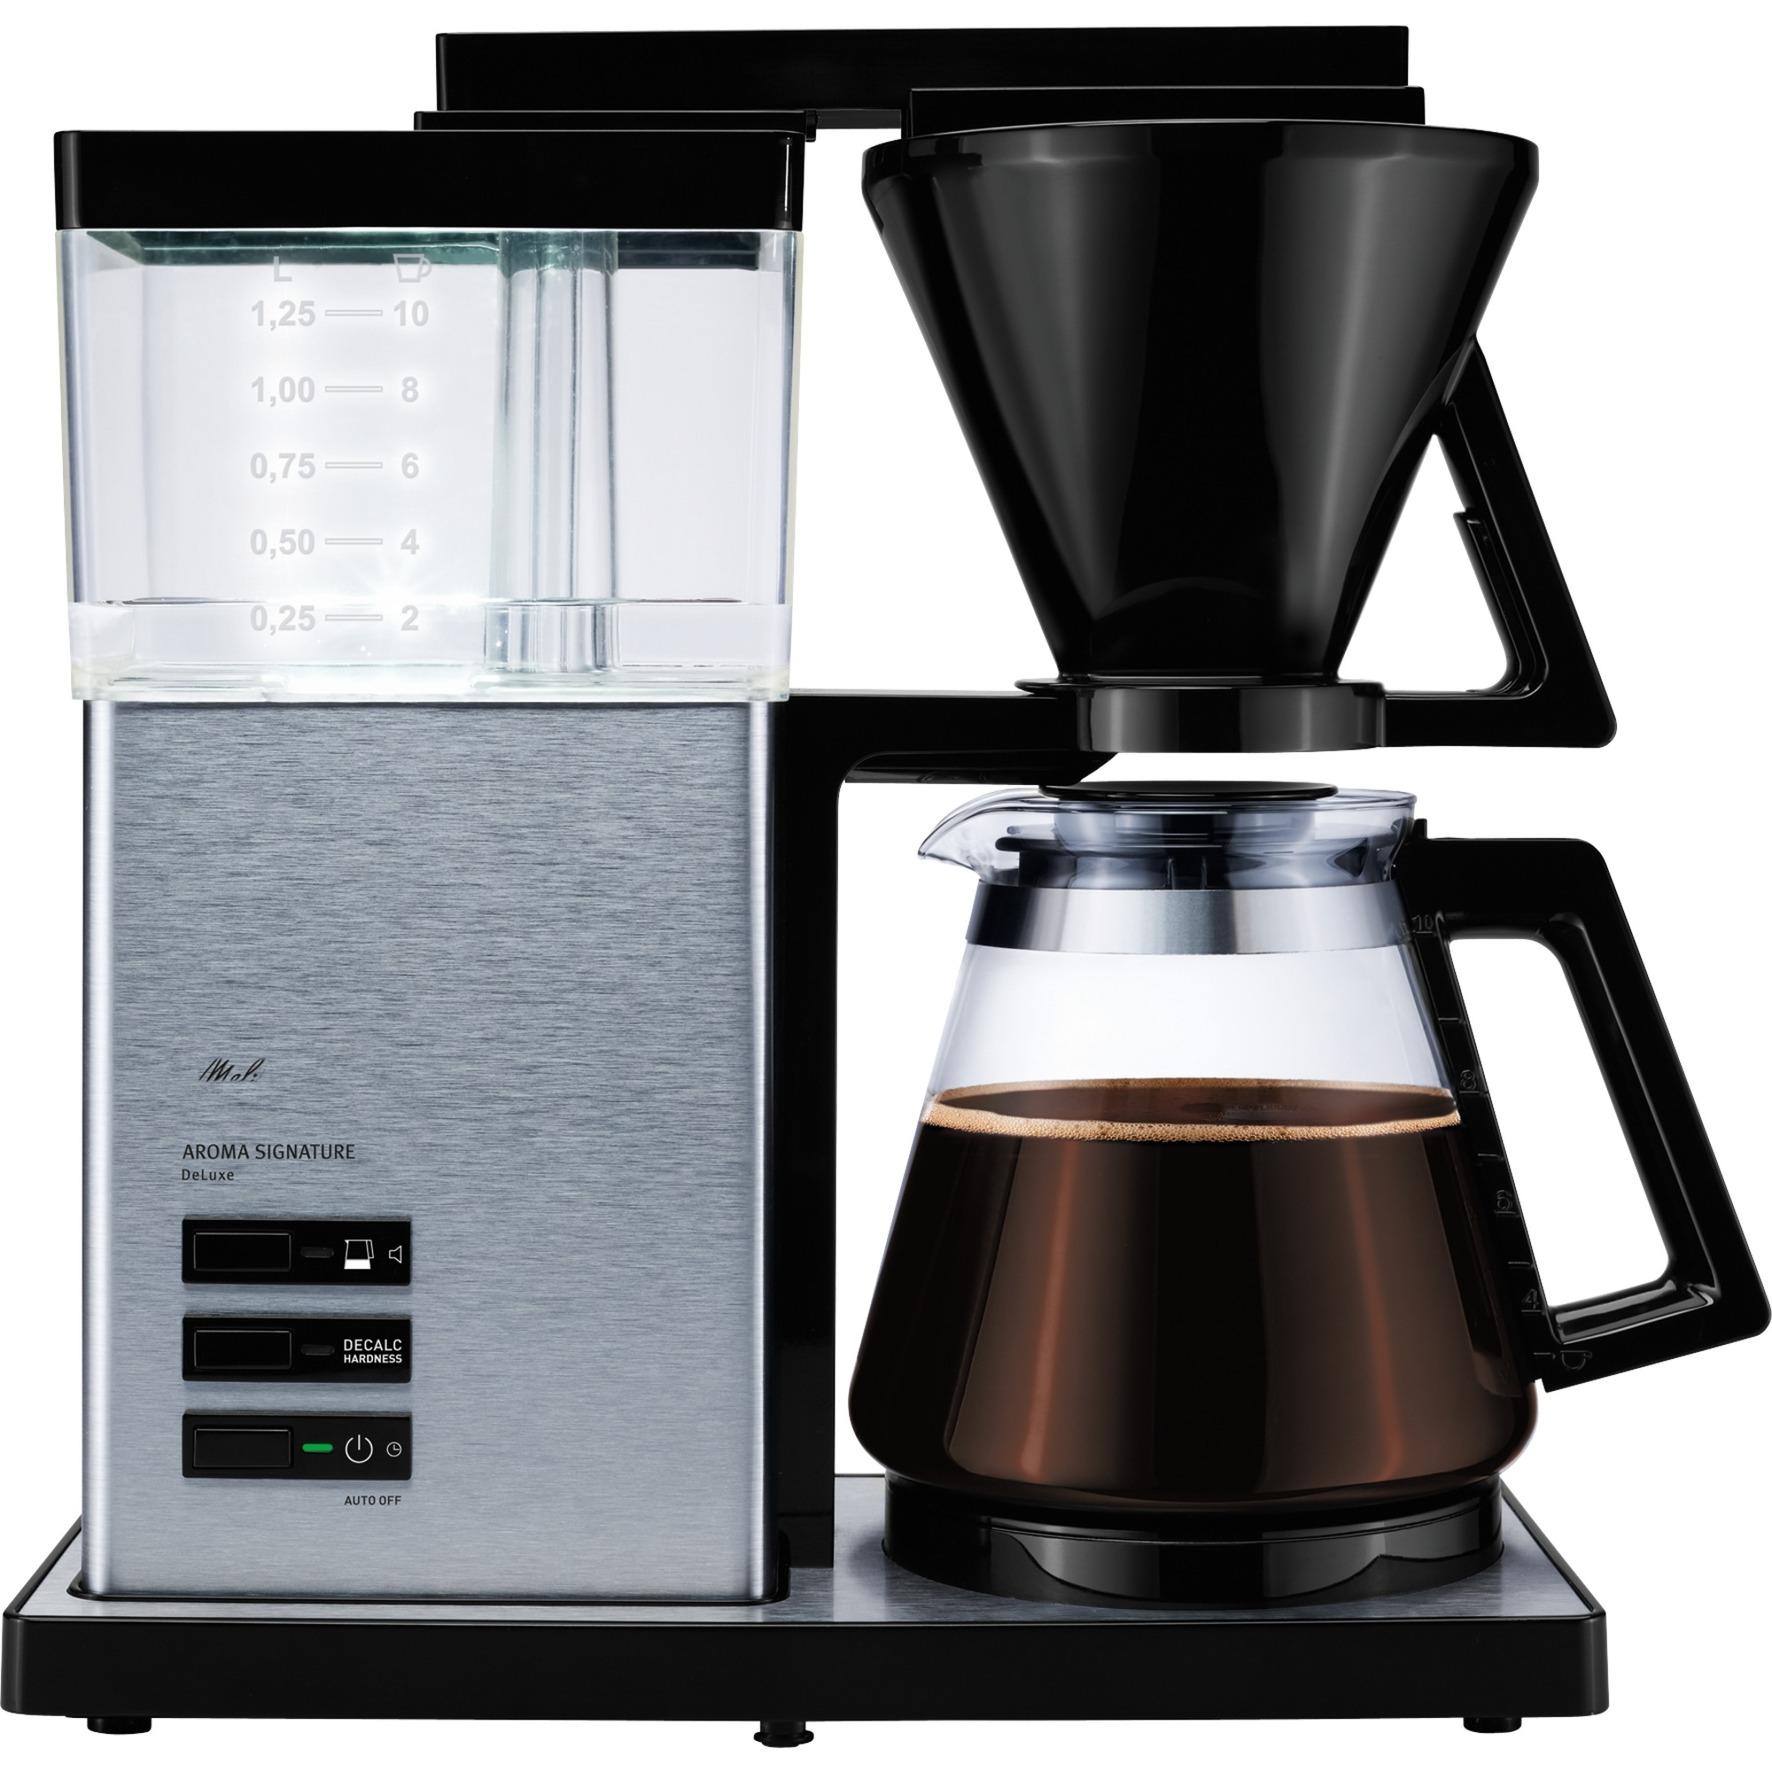 Aroma Signature deluxe Independiente Cafetera de filtro Negro, Acero inoxidable 1,25 L 10 tazas Semi-automática